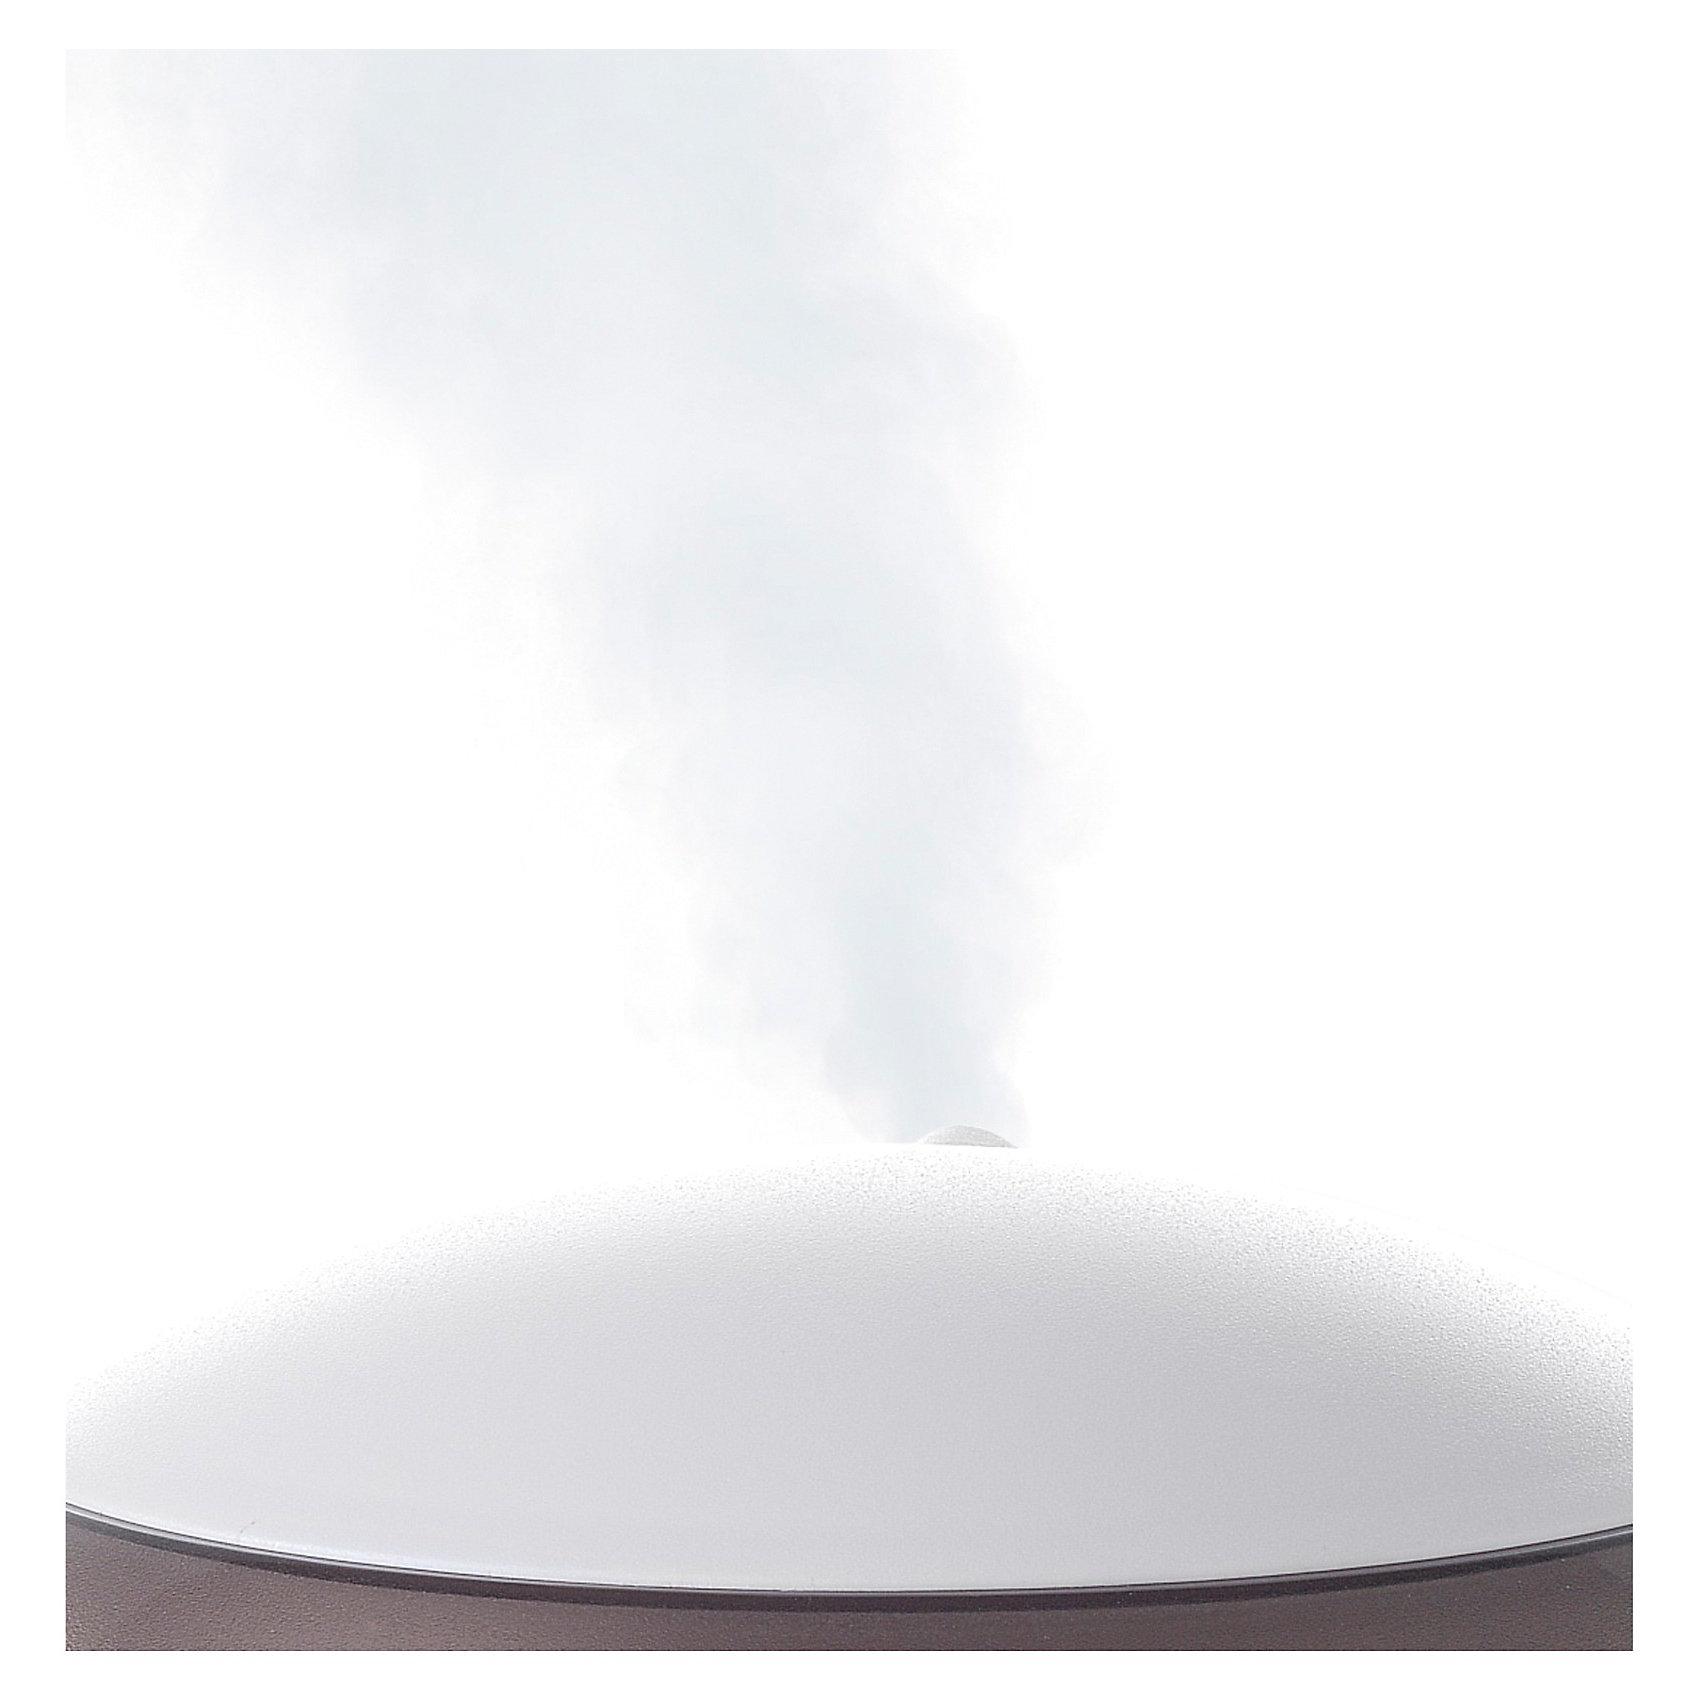 Miniland Ozonball - Увлажнитель воздуха от myToys